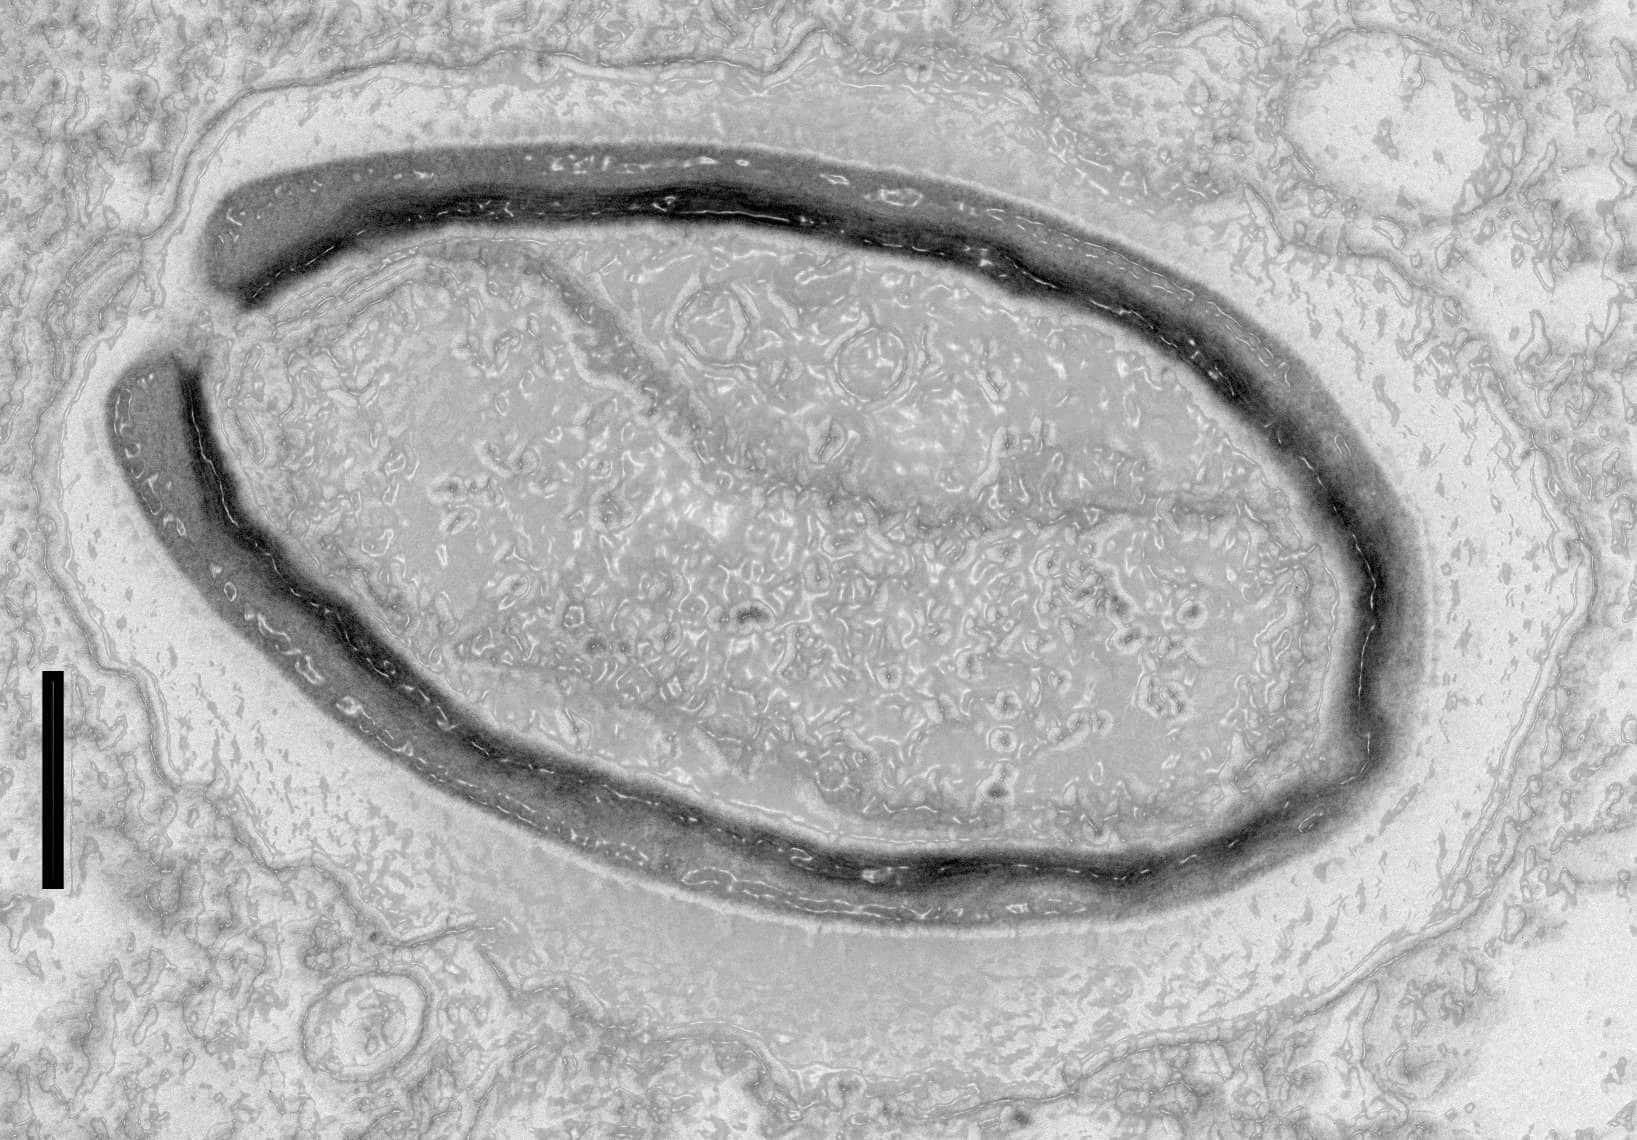 10 болезней, которые могли пожаловать к нам из космоса